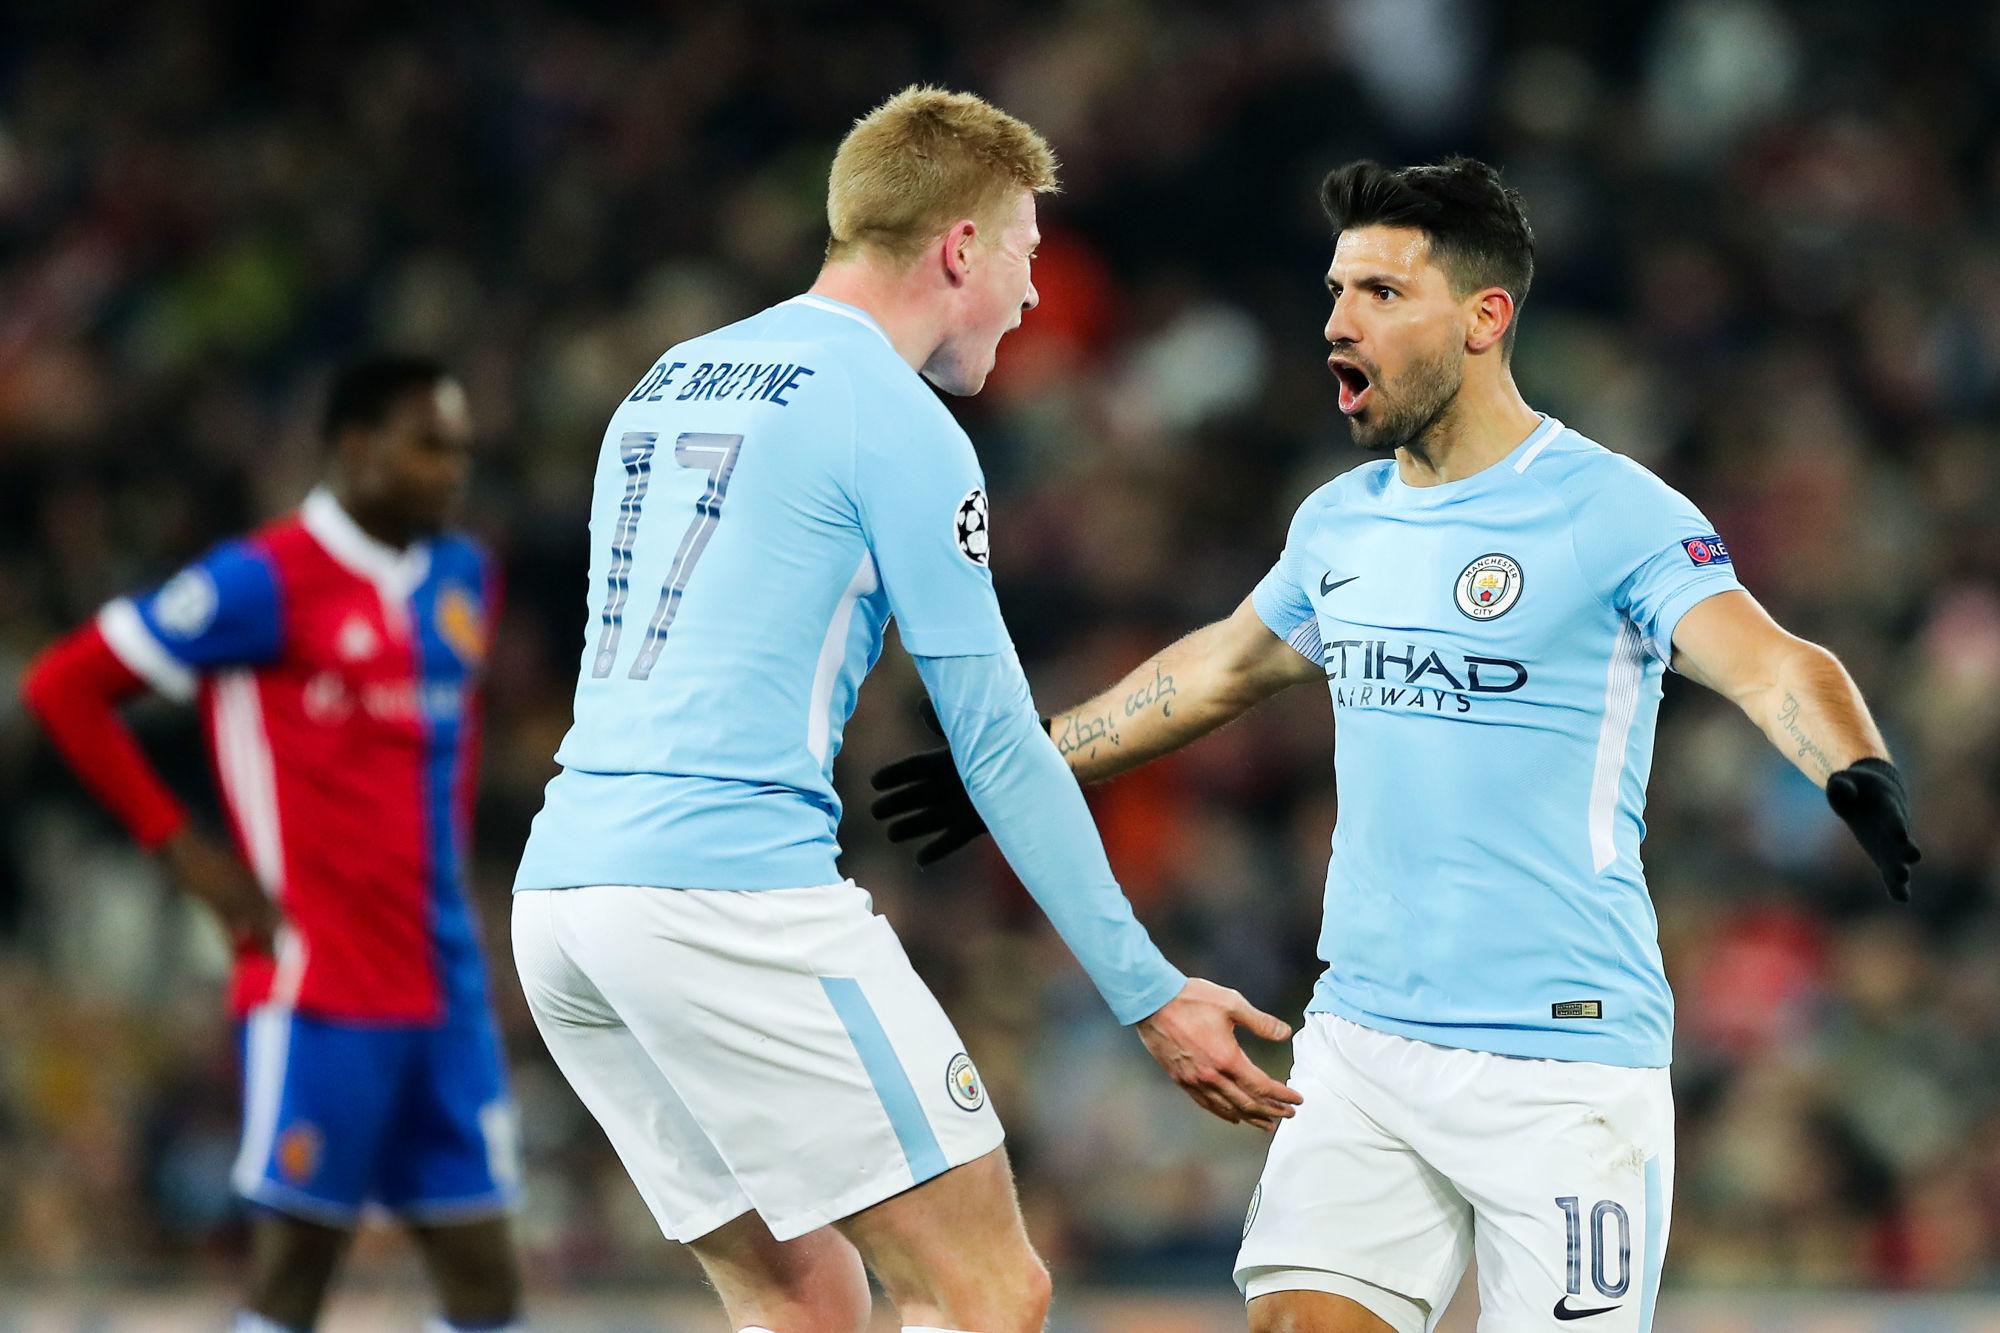 Sự trở lại của De Bruyne và Aguero sẽ giúp Guardiola có thêm nhiều lựa chọn nhân sự - chiến thuật khi đấu Tottenham ở Wembley. Ảnh: AFP